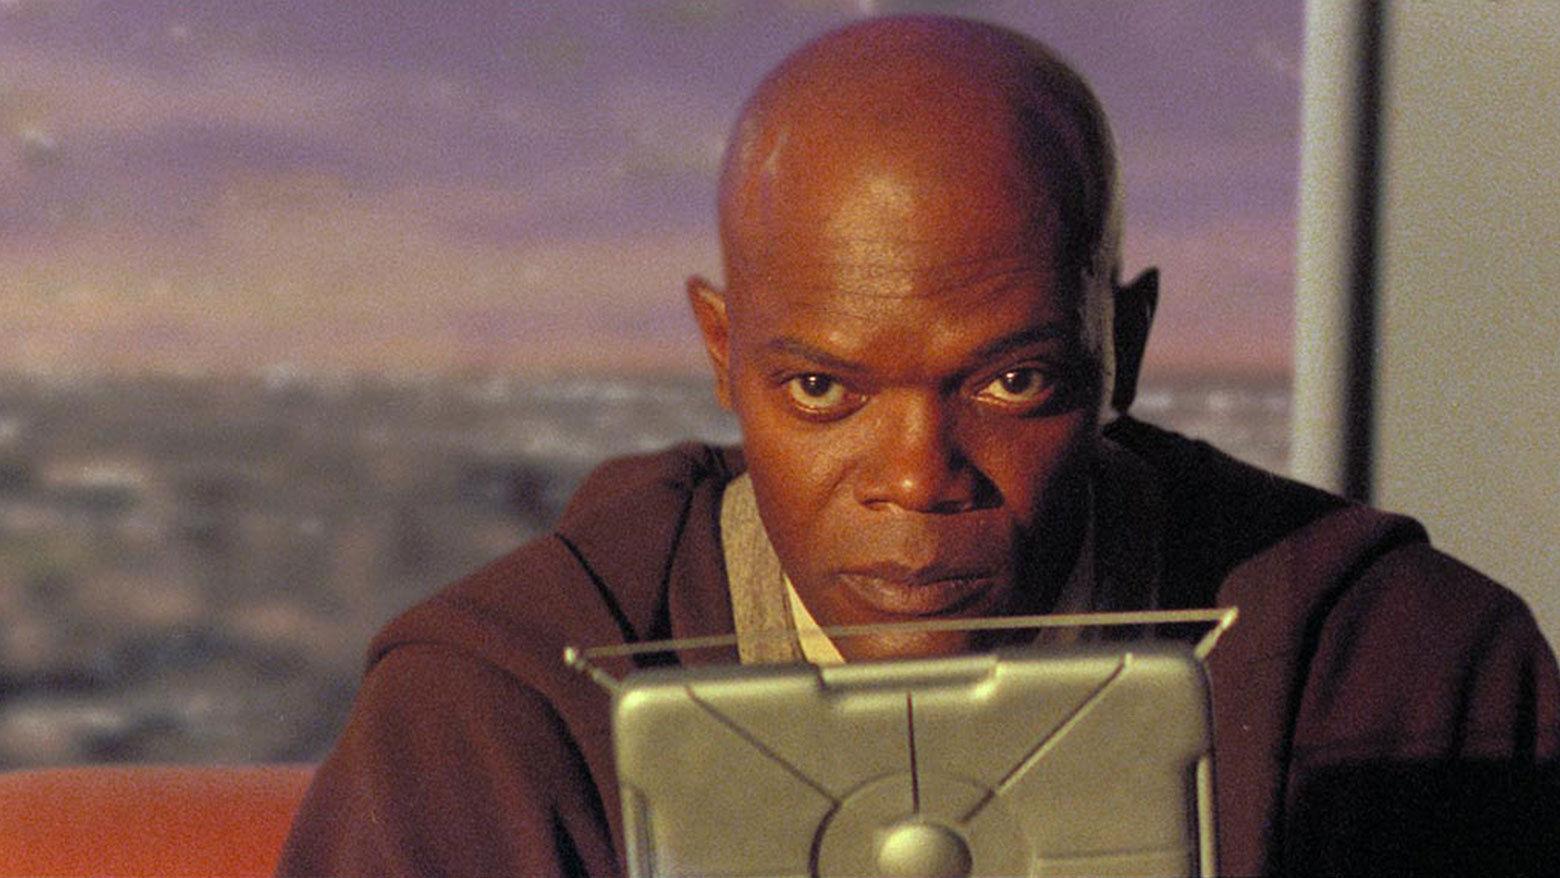 Schauspieler Verrät Dieser Für Tot Gehaltene Star Wars Charakter